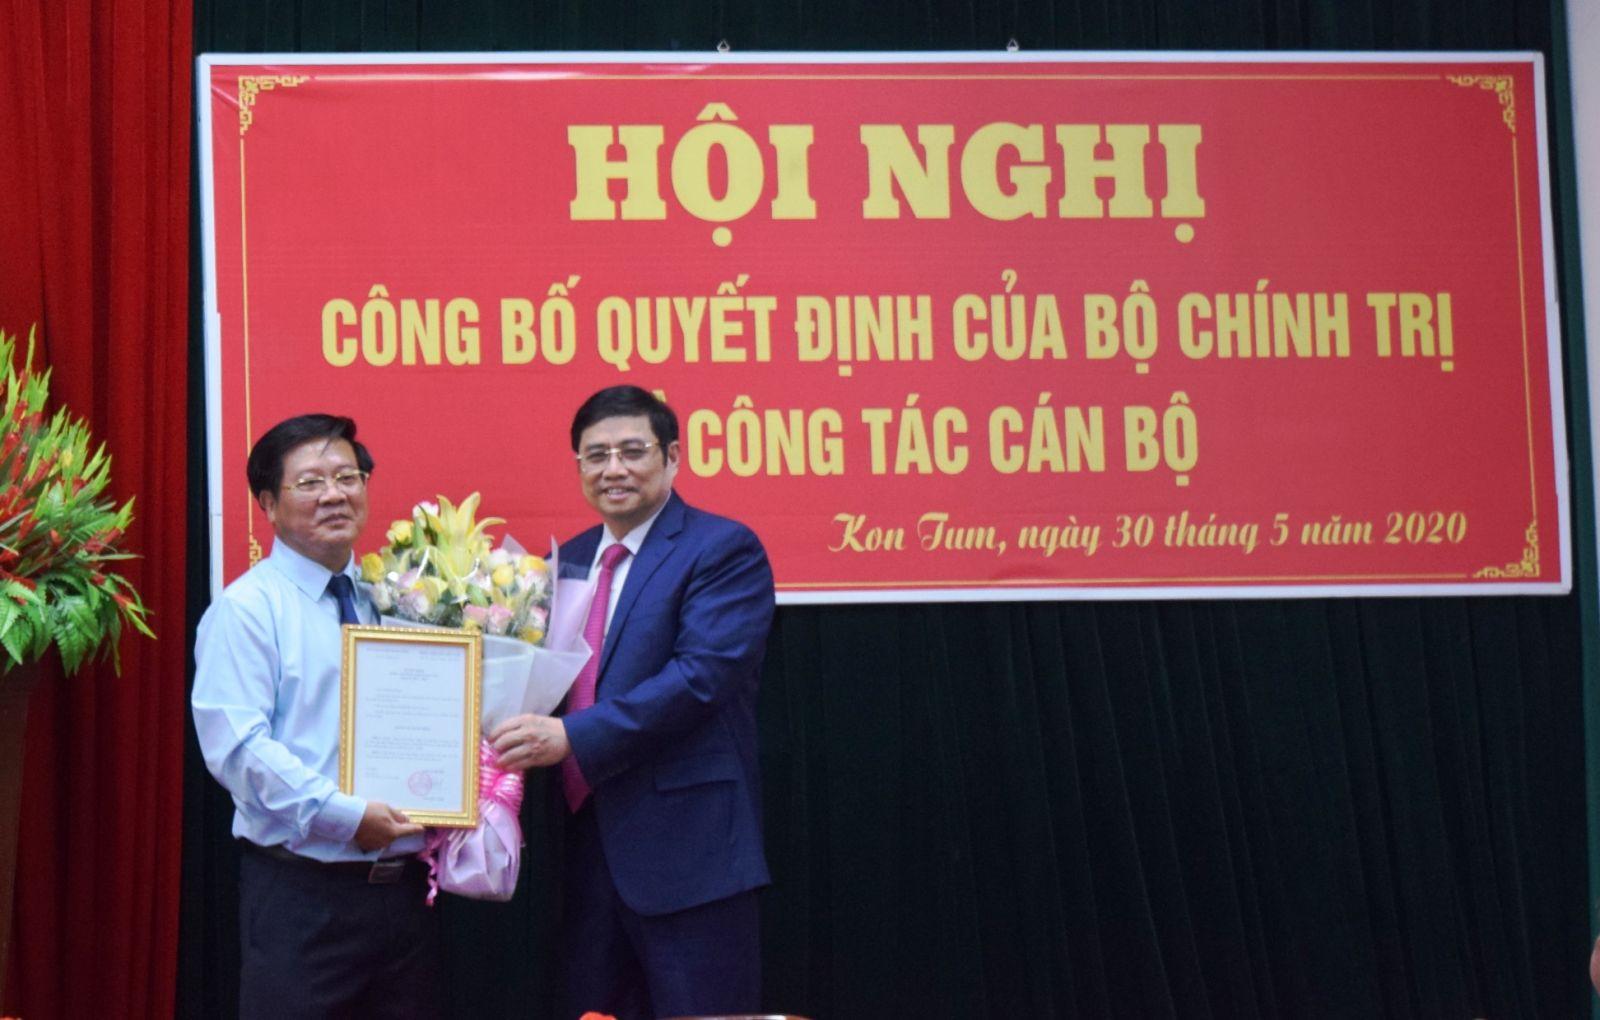 Đồng chí Phạm Minh Chính trao quyết định của Ban Bí thư cho đồng chí Lê Ngọc Tuấn. VGP/Dương Nương